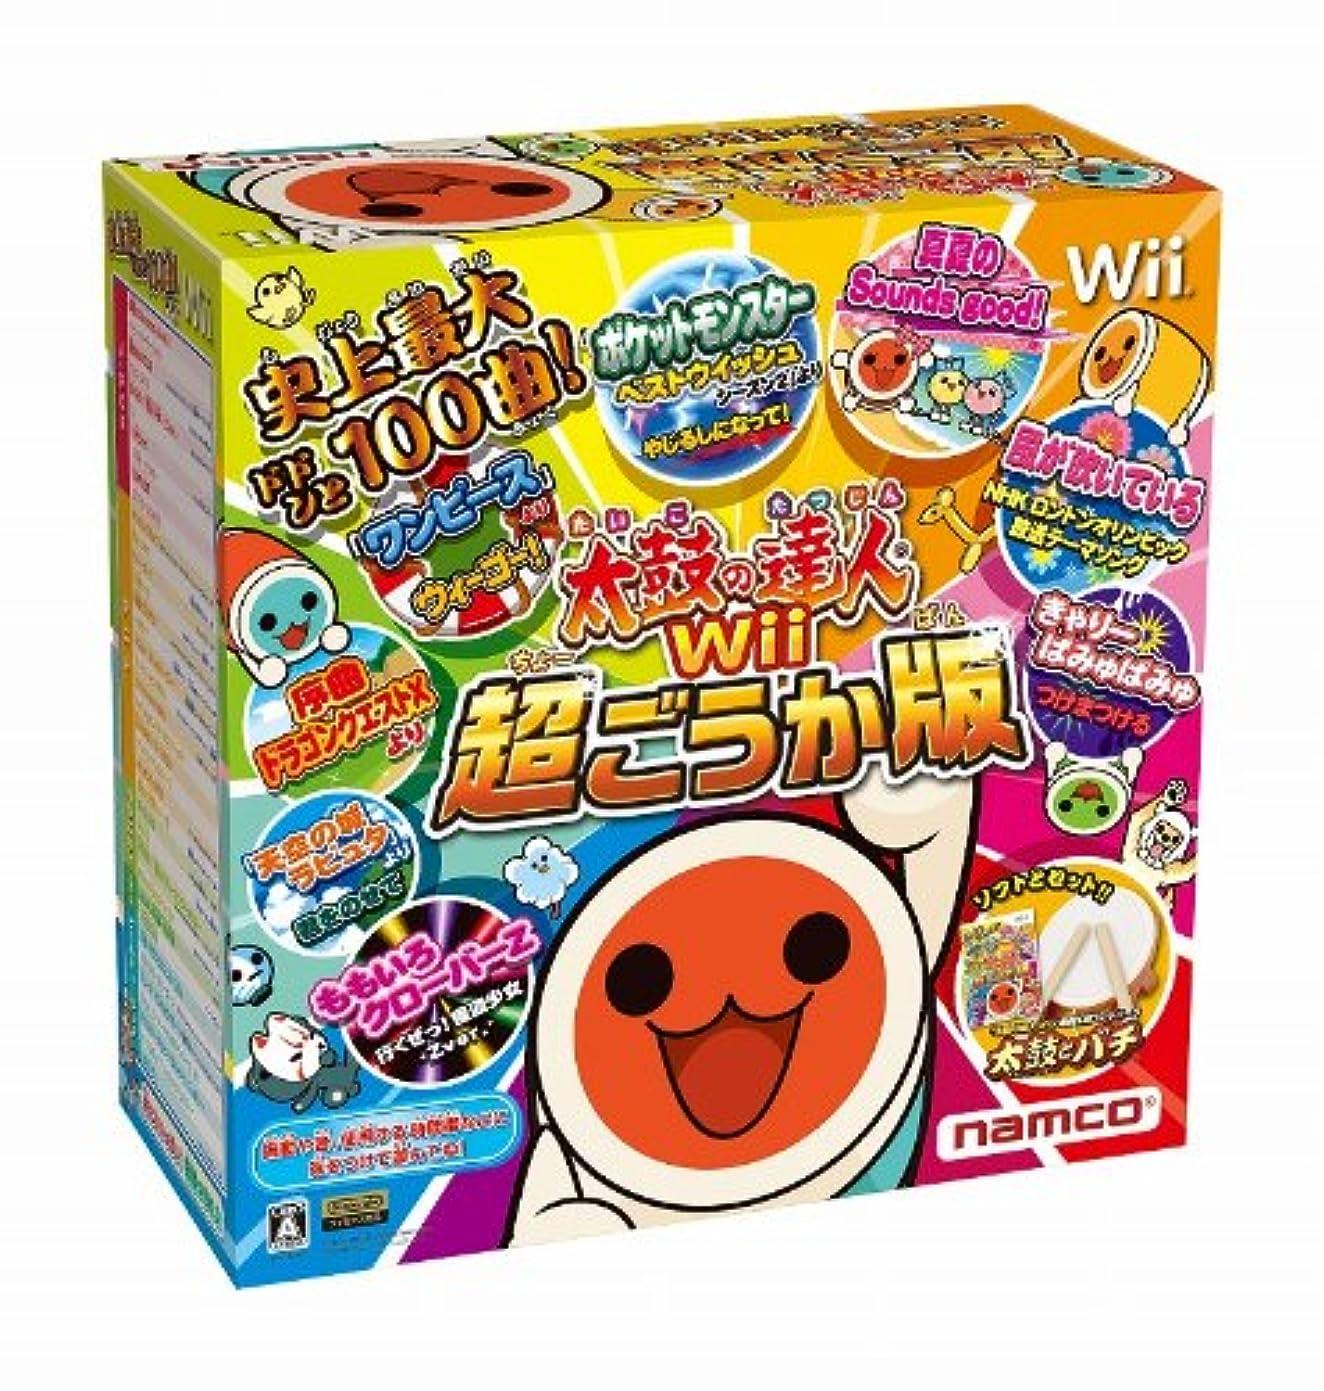 拮抗ジム抑制太鼓の達人Wii 超ごうか版 (専用太鼓コントローラ「太鼓とバチ」同梱版)